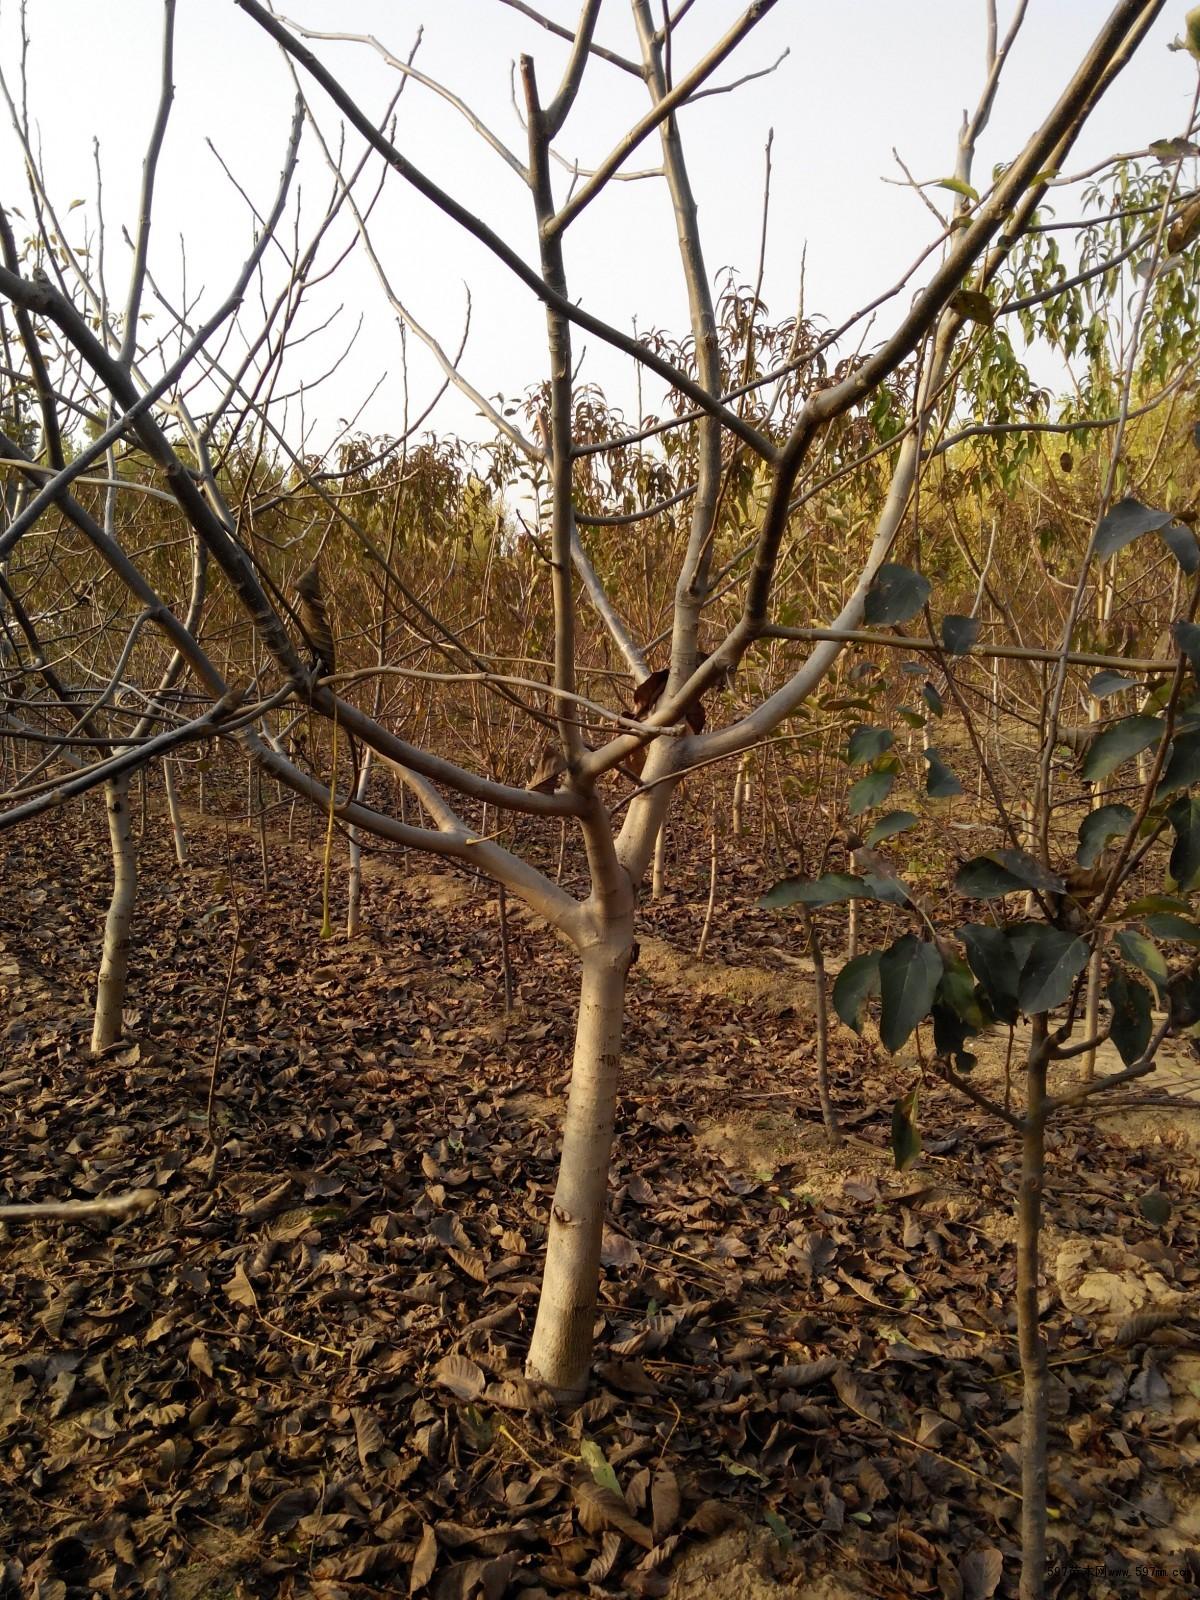 樱桃树,核桃树,柿子树图片|苗木|苗木图库|597苗木网